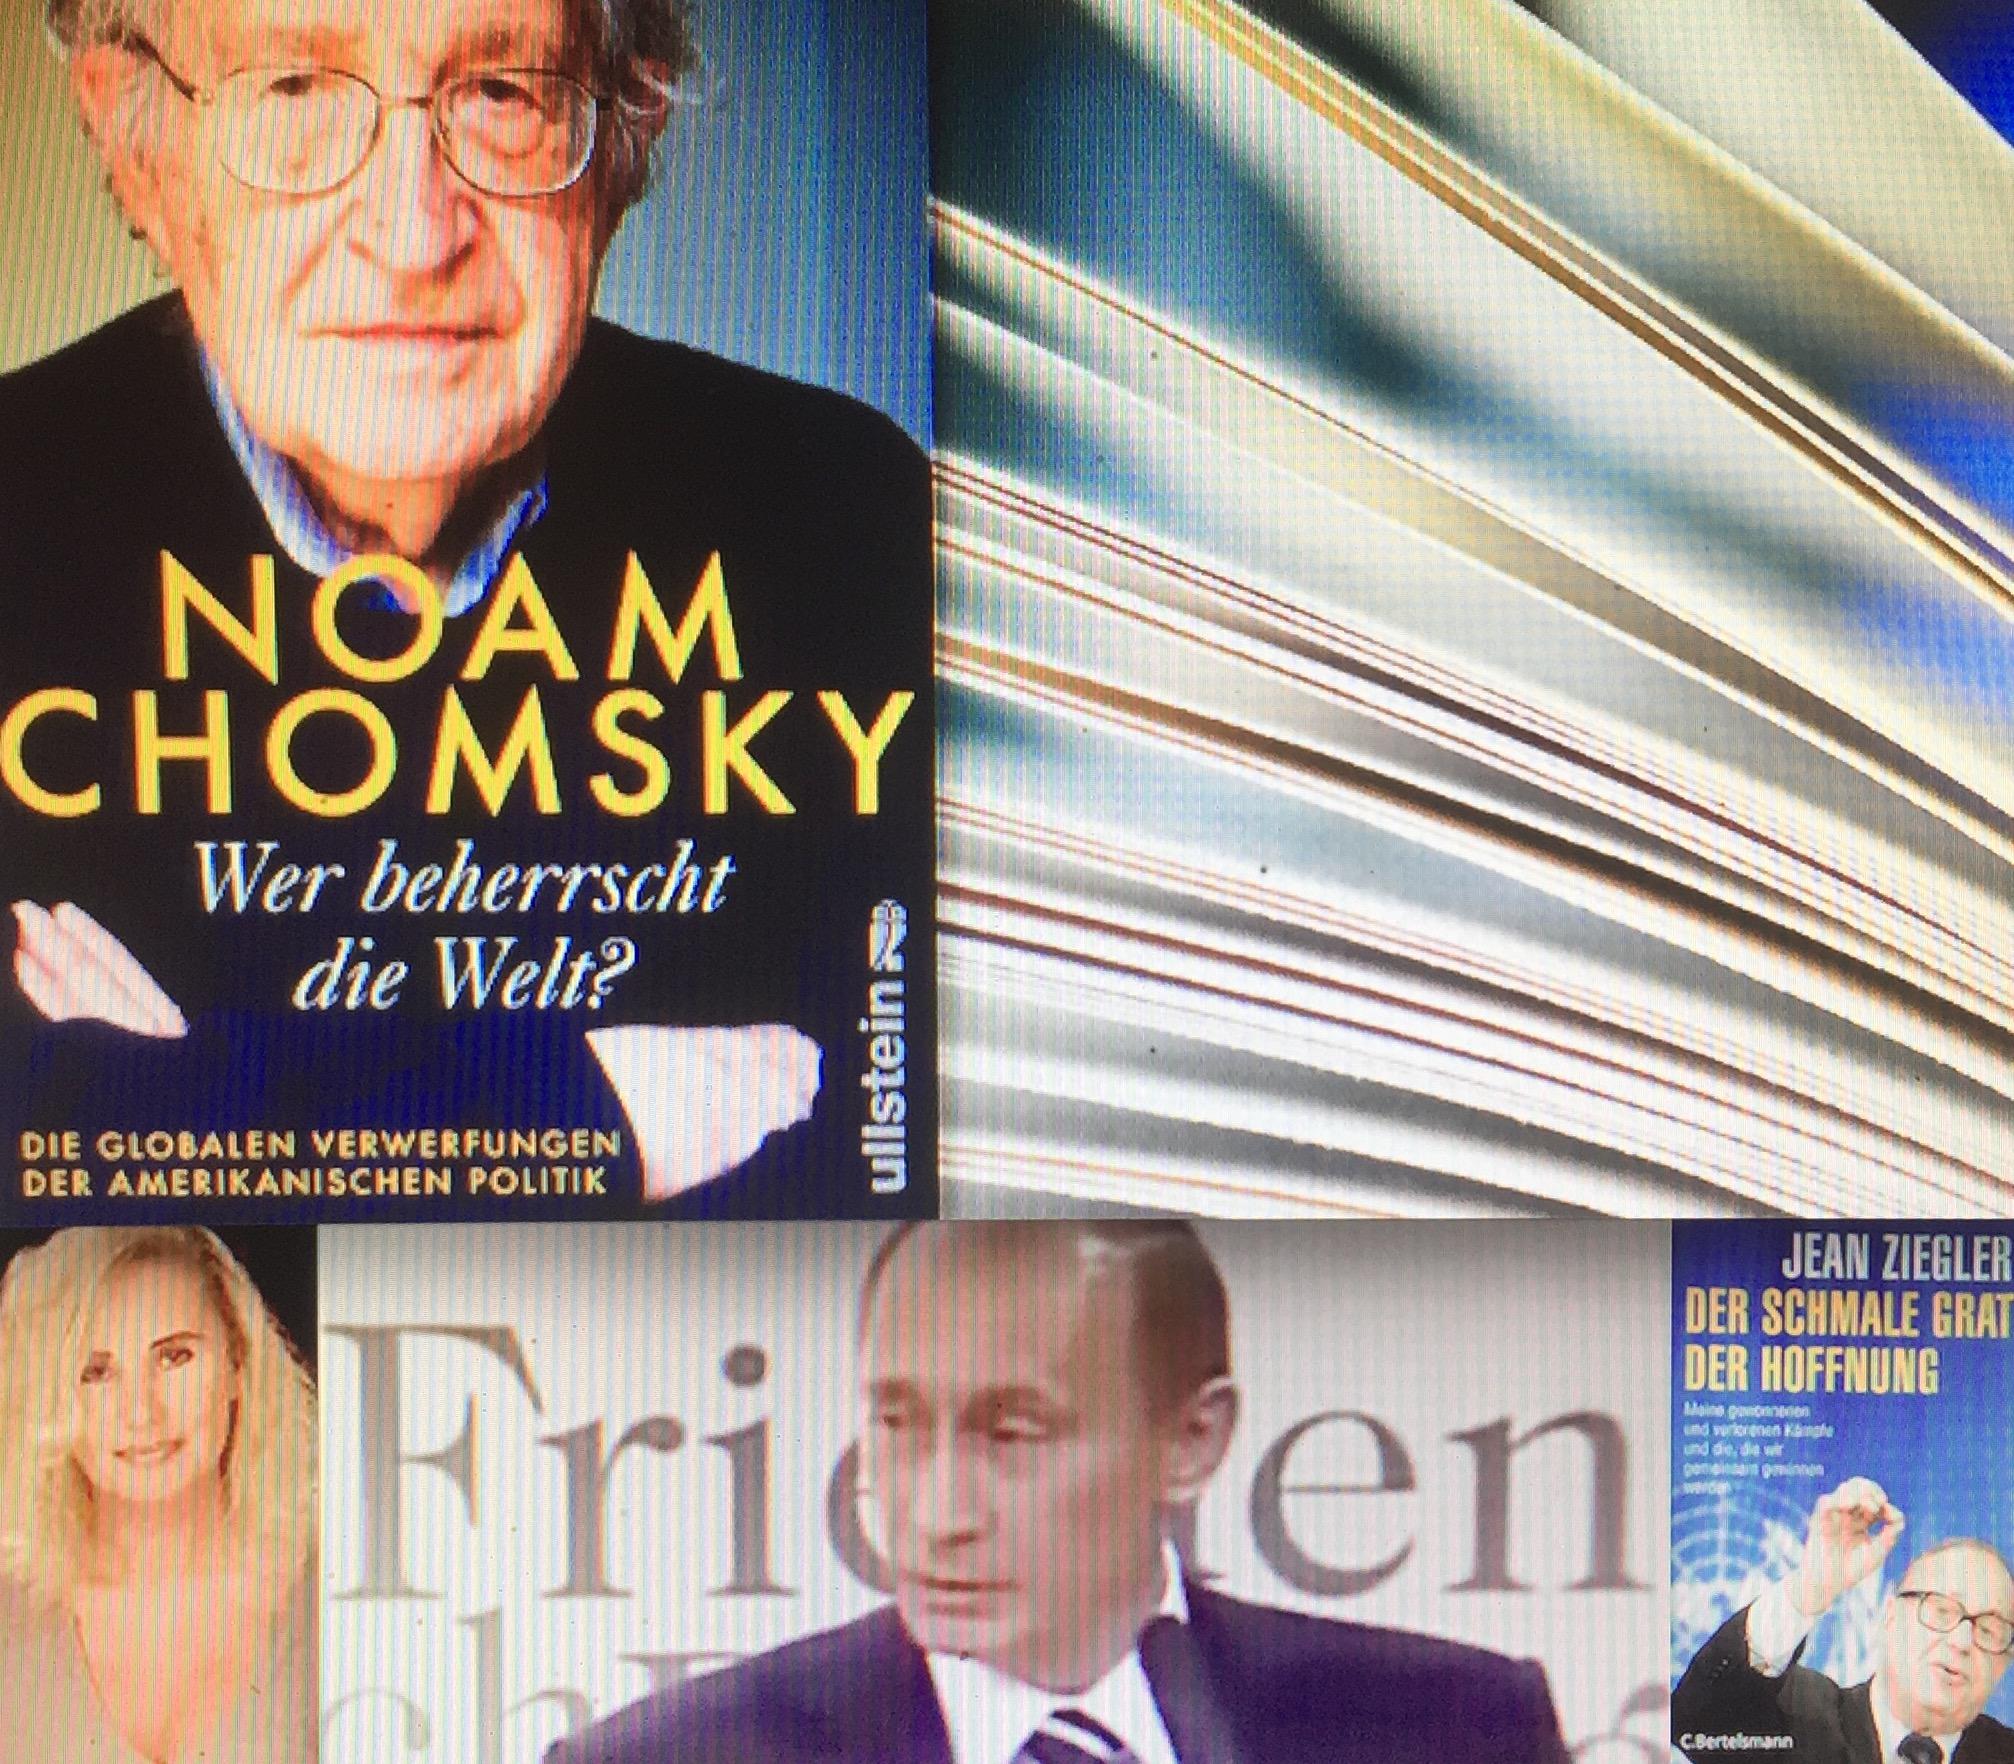 """Verena Daum, Noam Chomsky, Jean Ziegler, Books: """"Wer beherrscht die Welt?"""", """"Verantwortungslos - Zivilcourage für ein Ende des Kriegs gegen die Menschlichkeit"""", """"Der schmale Grat der Hoffnung"""""""